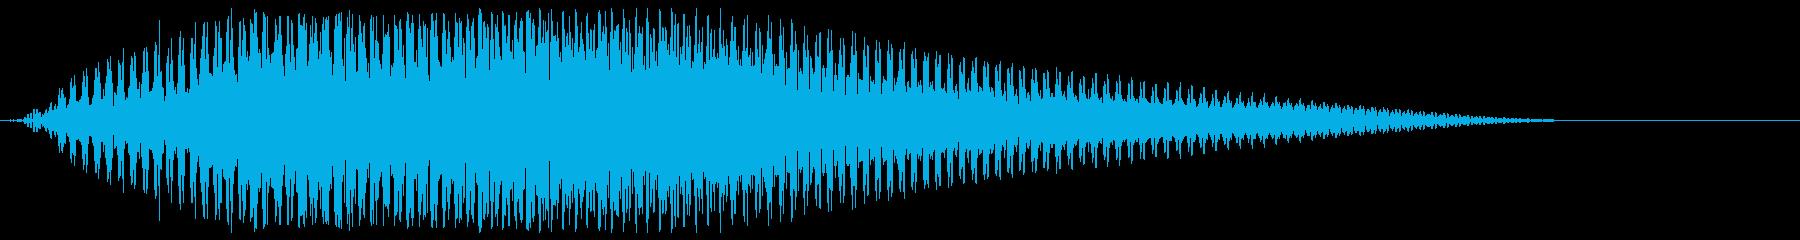 サウンドロゴ【宇宙】光が通過する未来空間の再生済みの波形